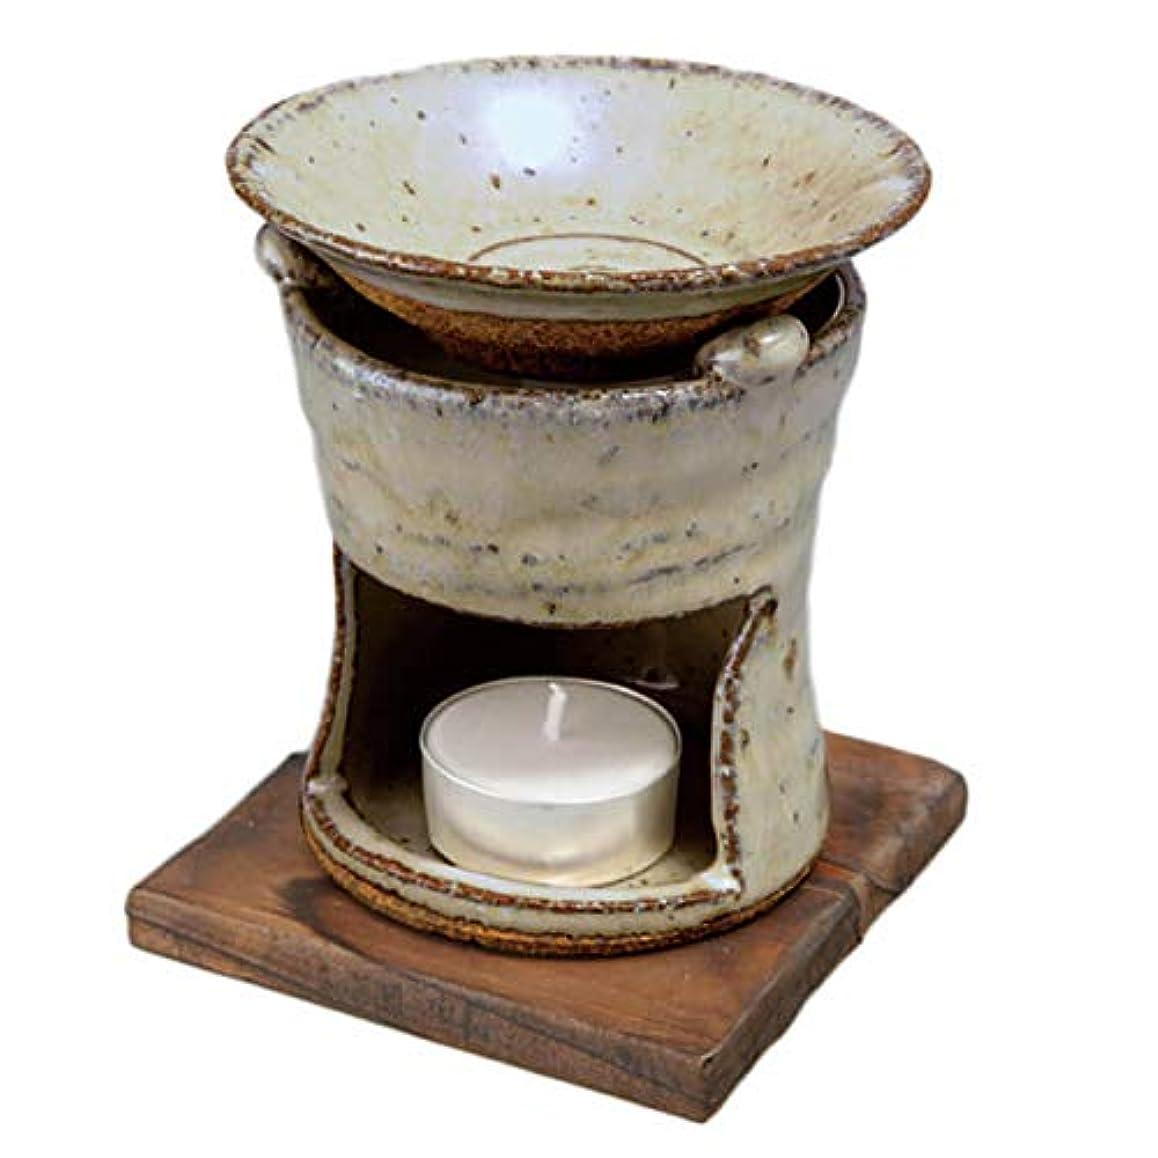 辛なマージンパシフィック手造り 茶香炉/茶香炉 伊良保/アロマ 癒やし リラックス インテリア 間接照明